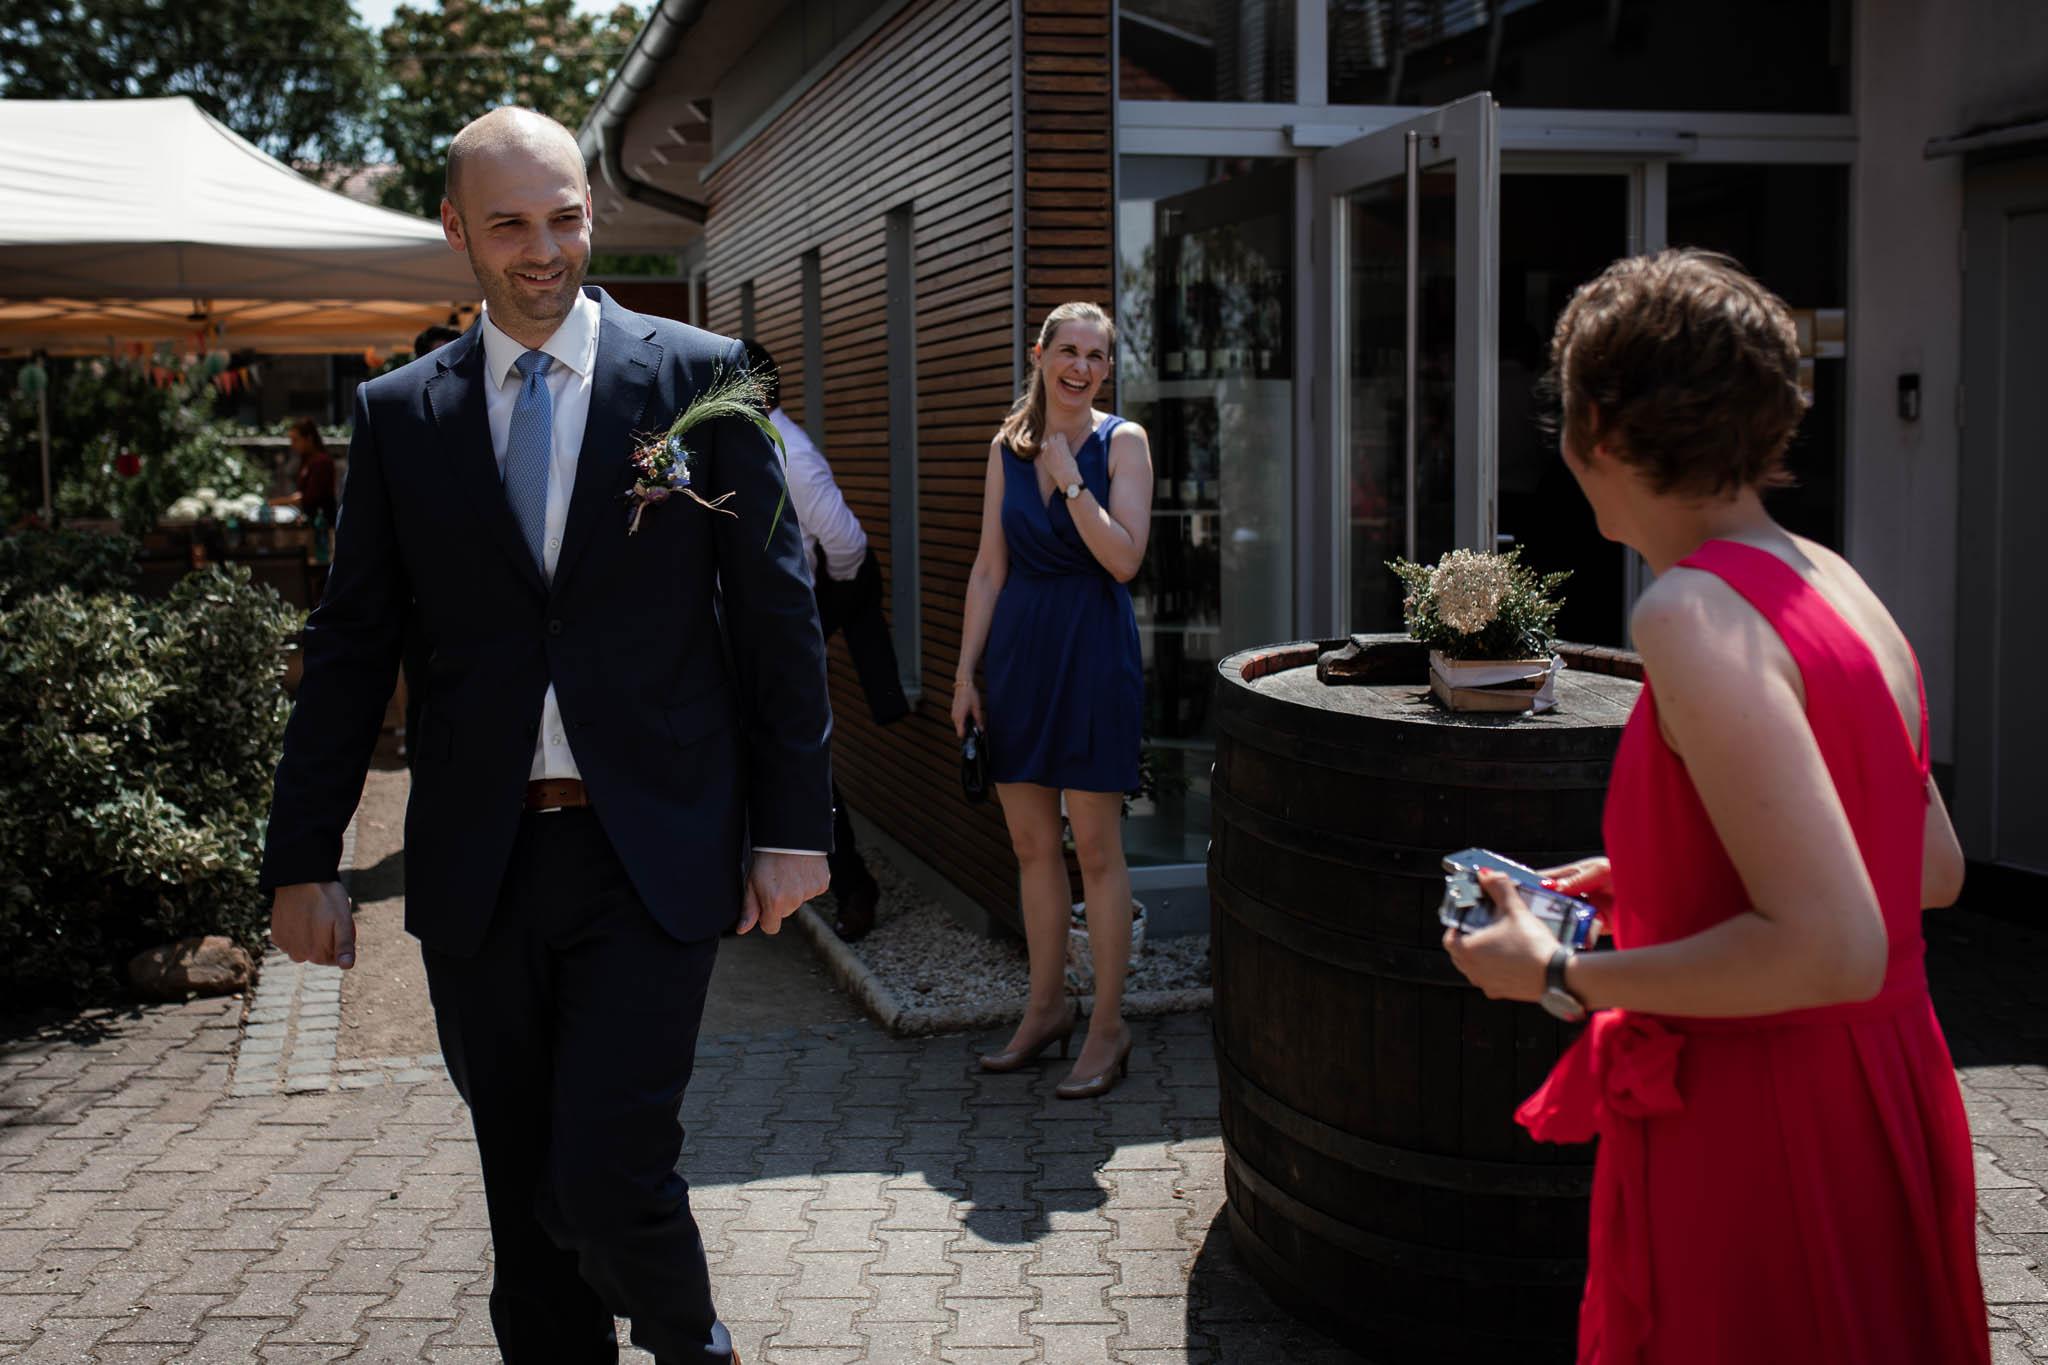 Hochzeitsfotograf Guntersblum, Domhof - Hochzeit von Ina & Johannes 8